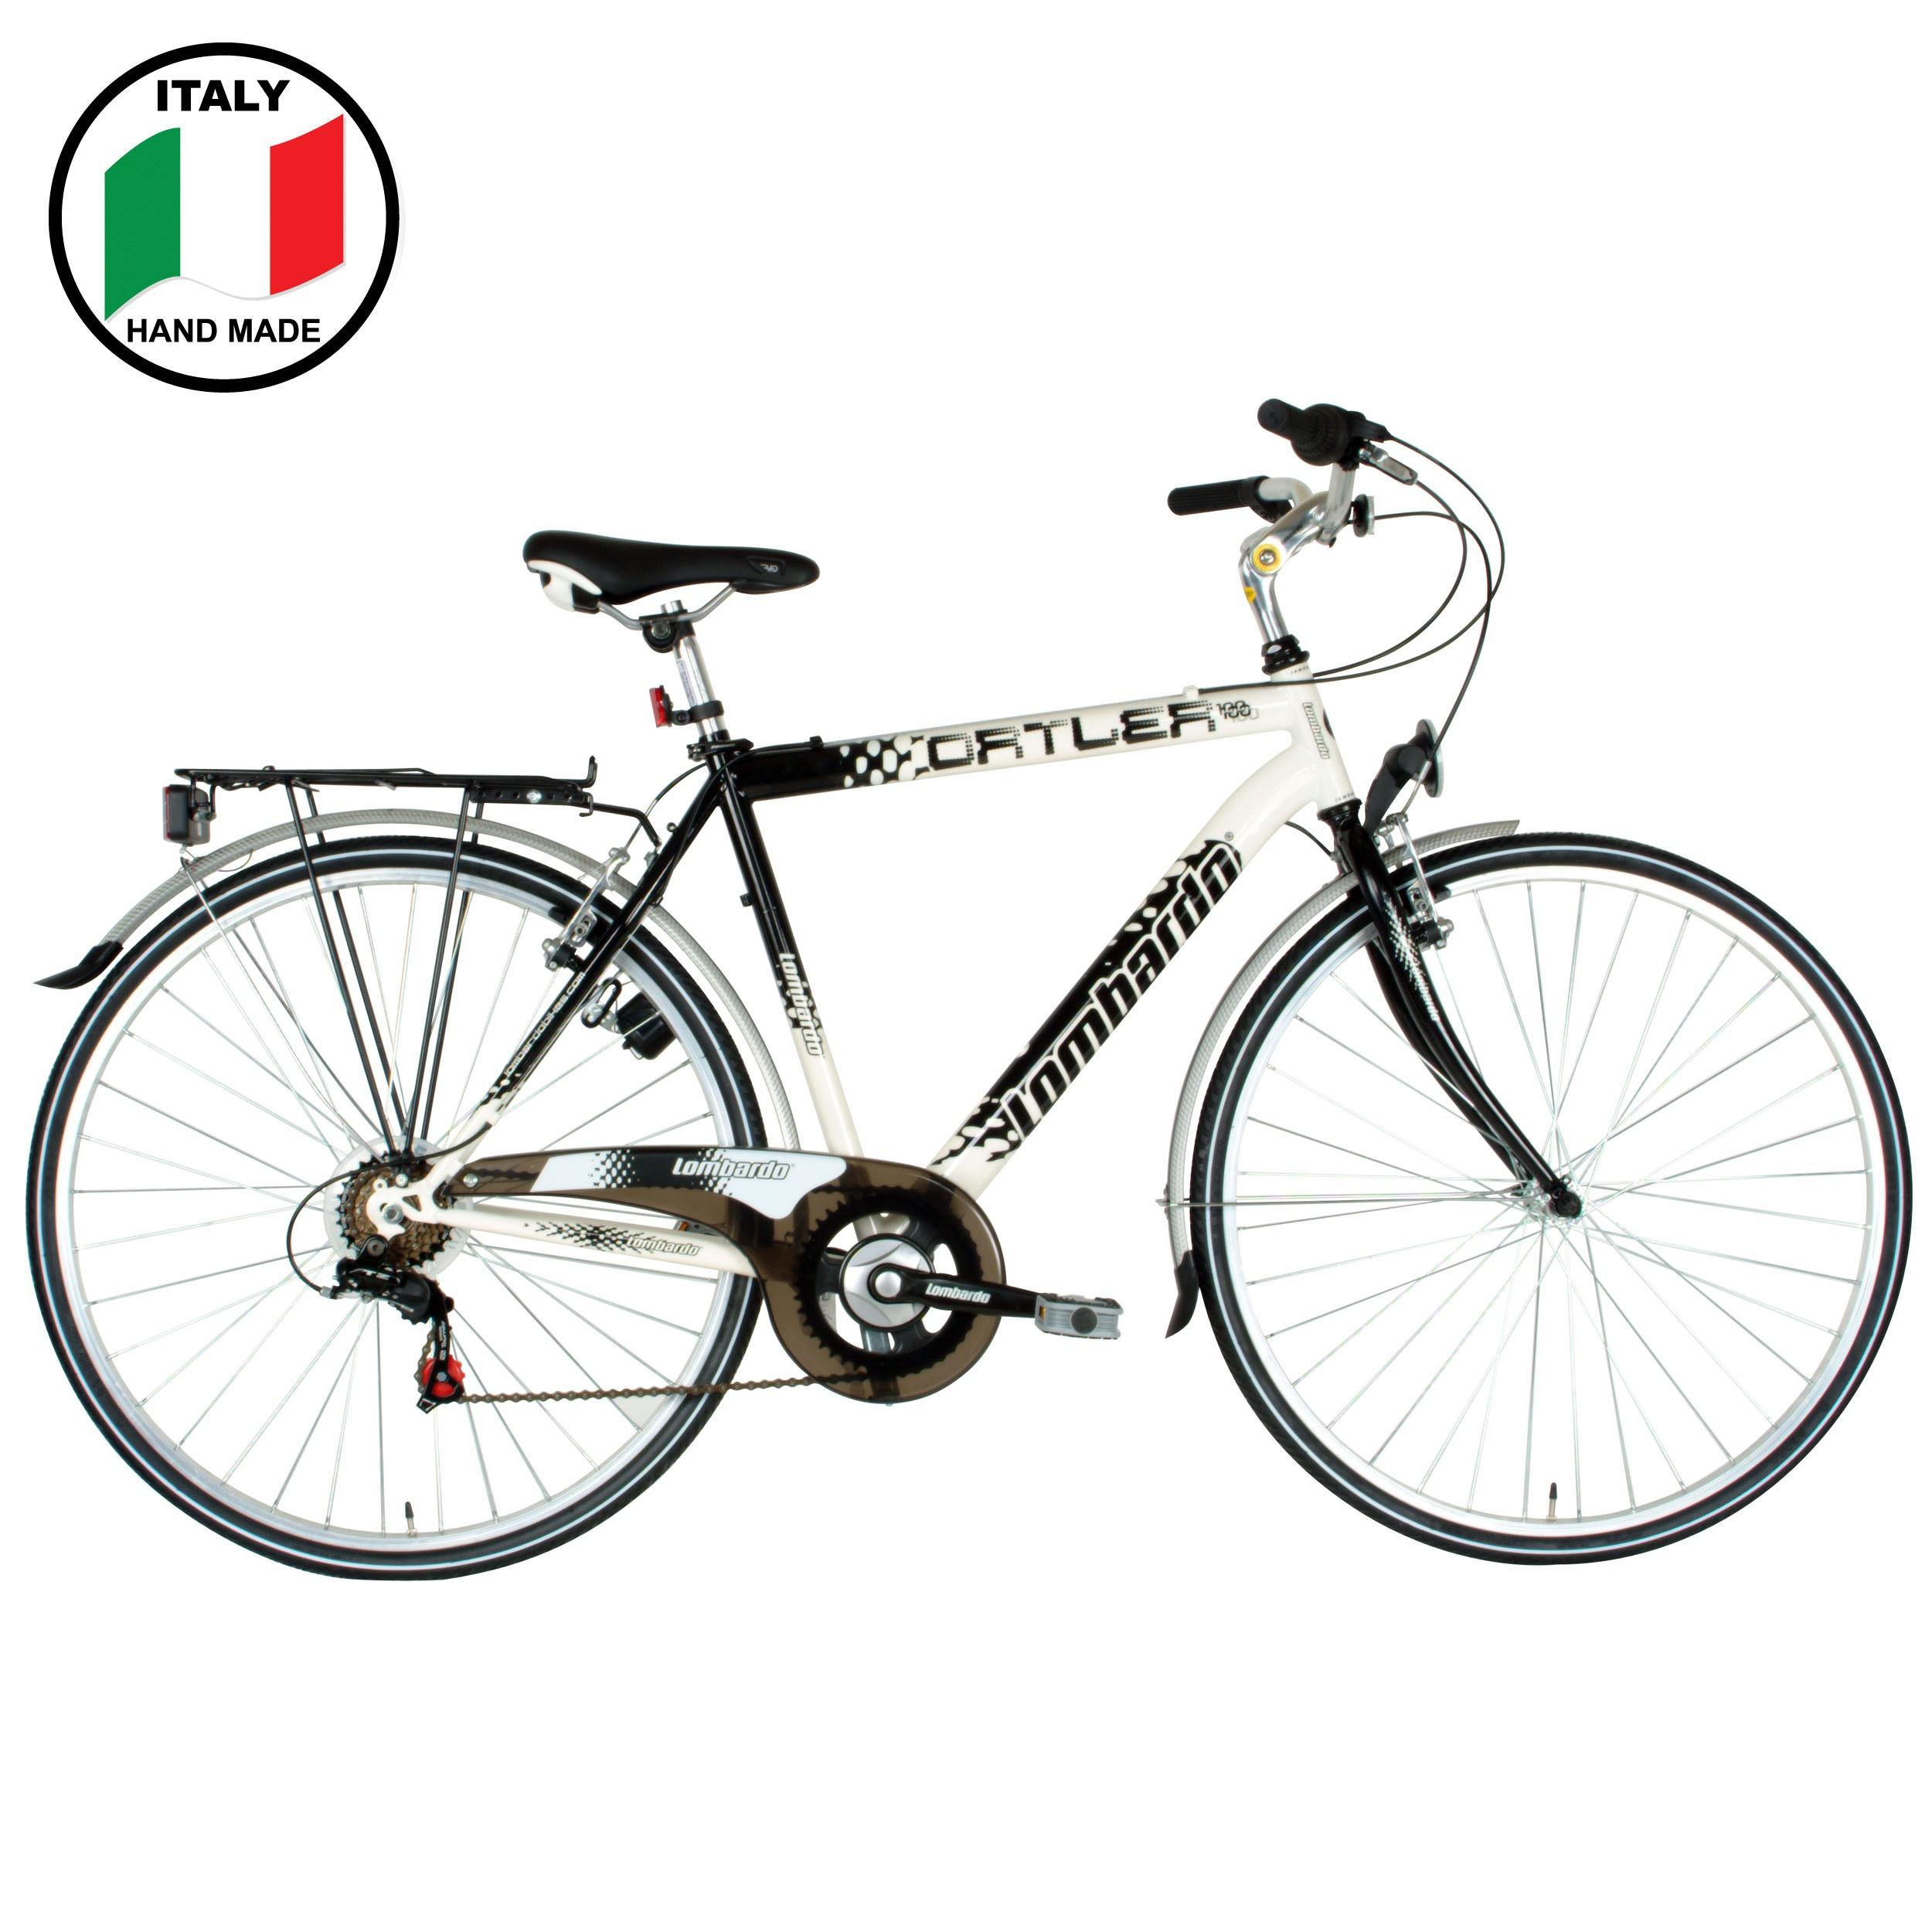 Lombardo Ortler 100 28 inch Men's Bike- Black and White